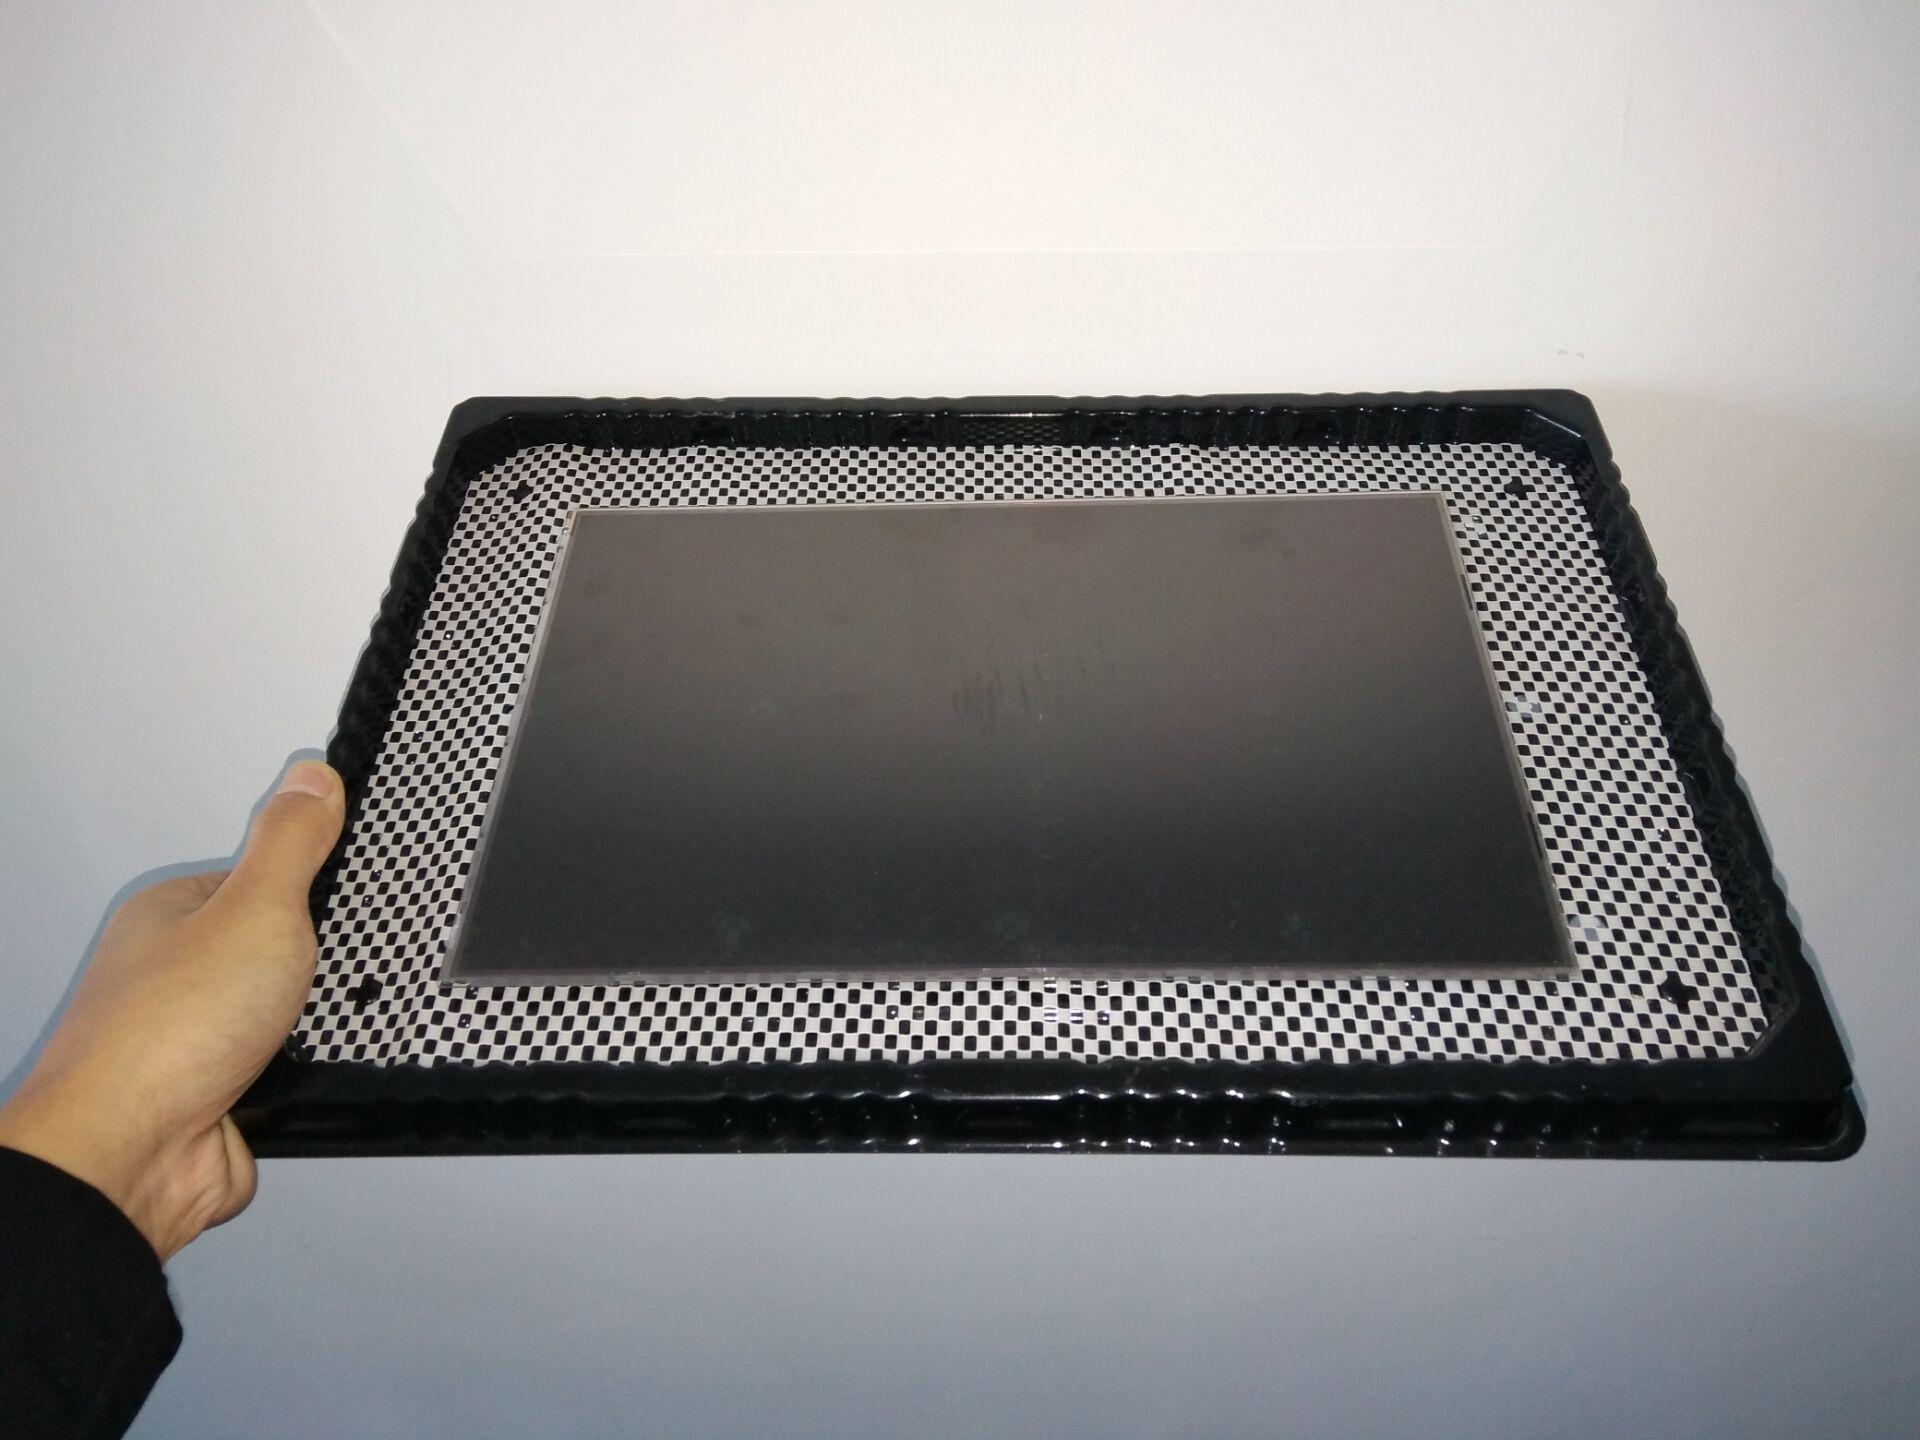 吸塑盒+防静电防滑垫、防静电吸塑托盘+防滑垫